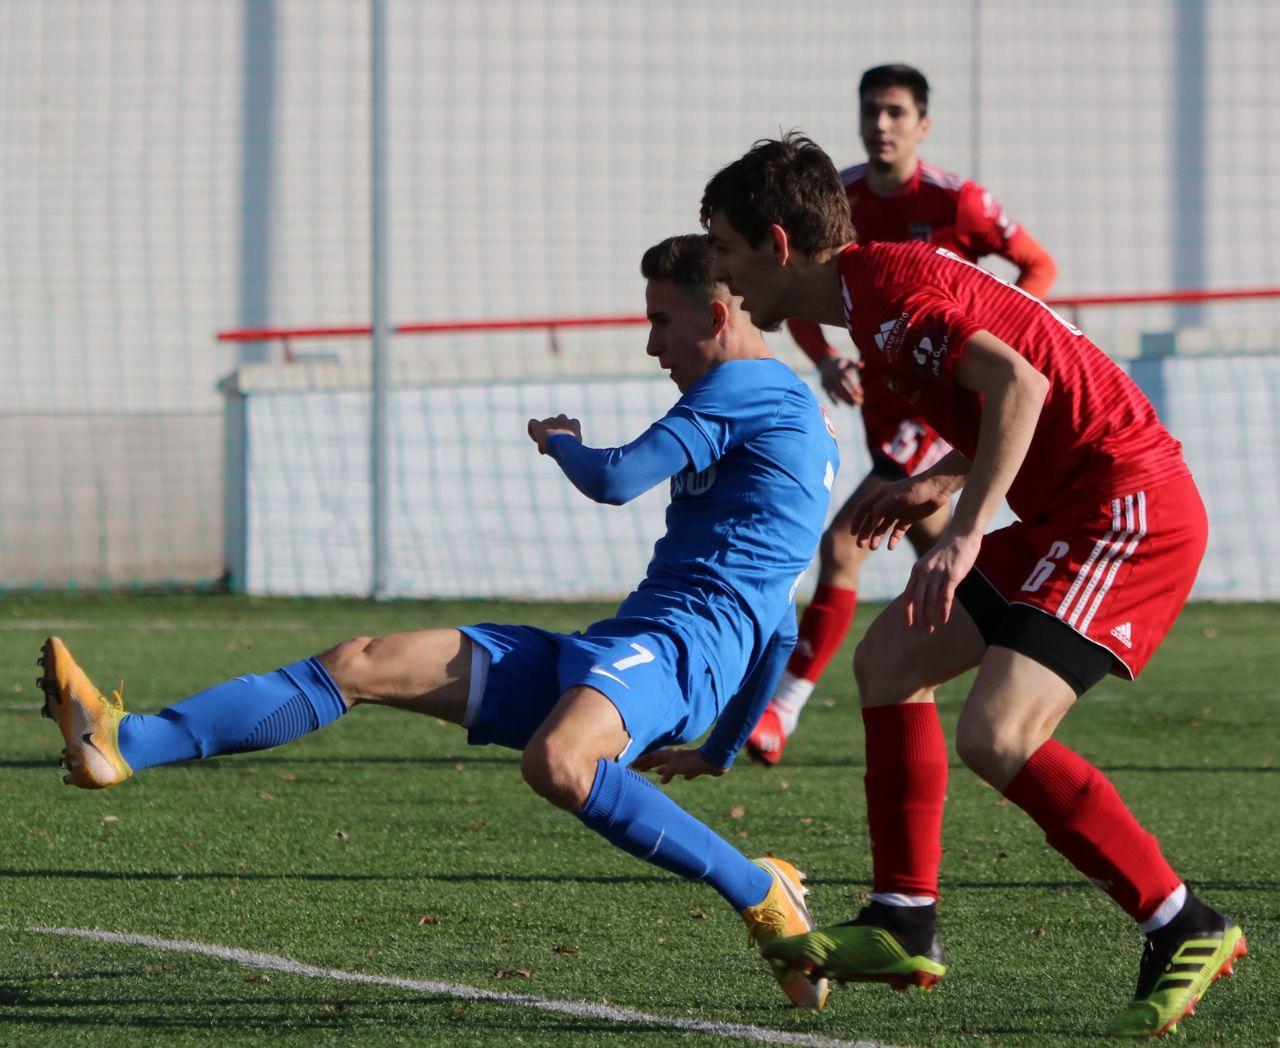 U19: Tatabányai főpróba